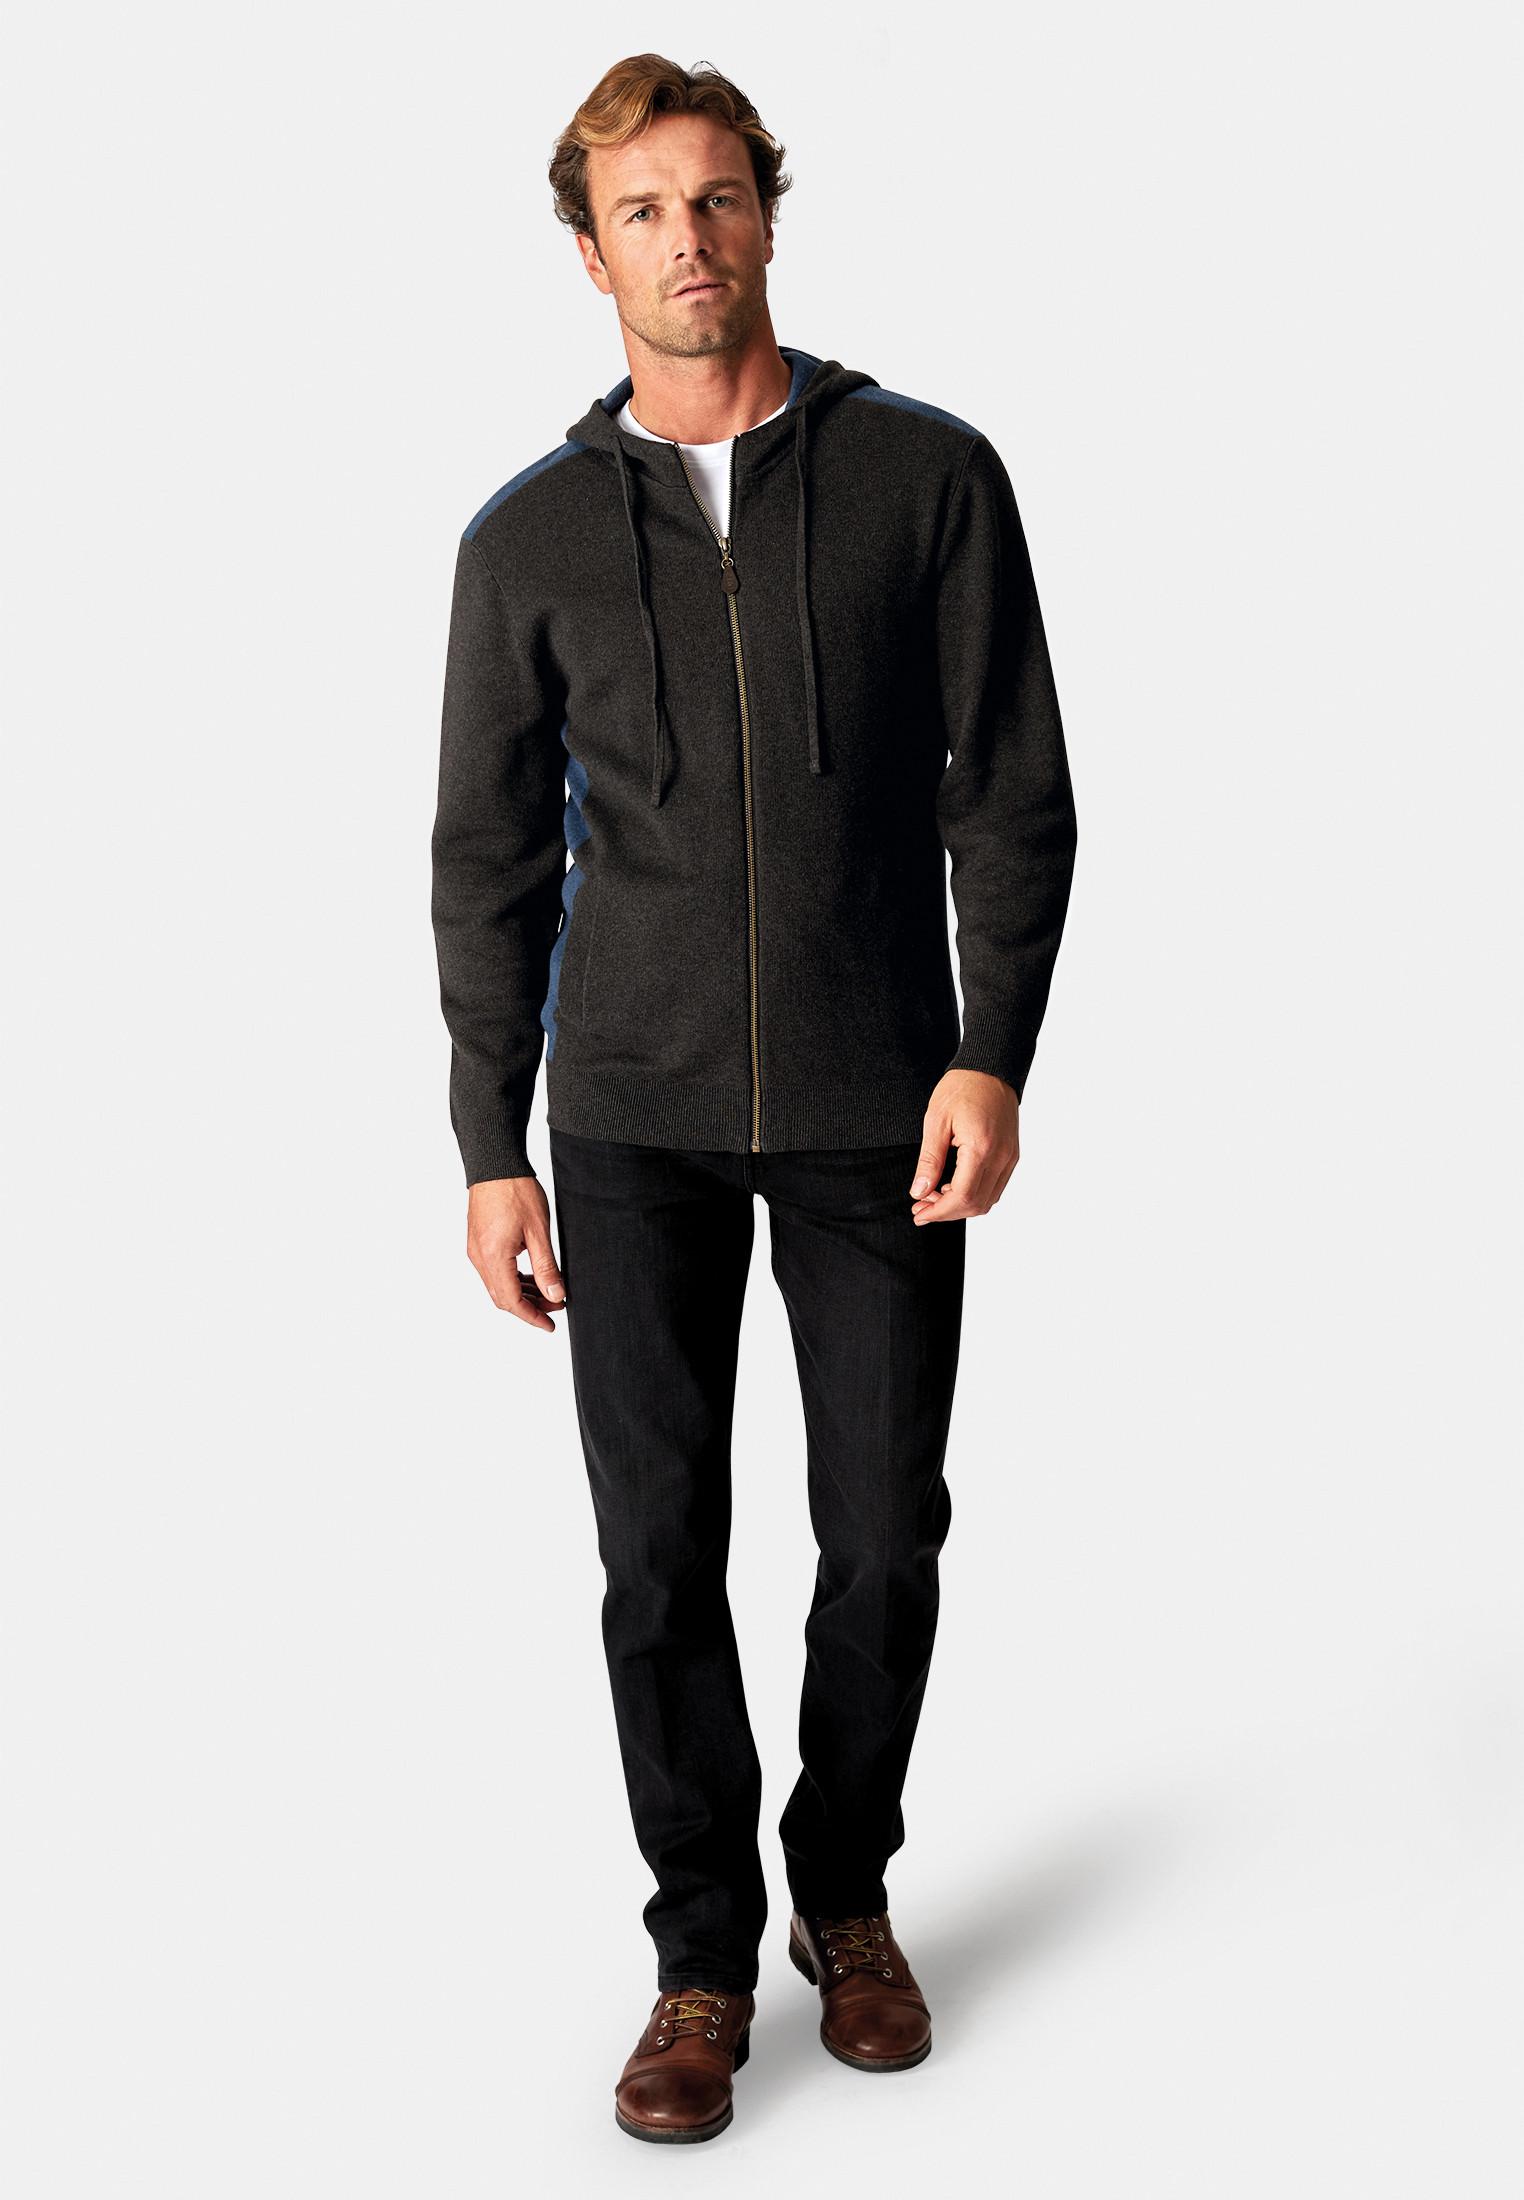 Burnsall Charcoal 14 Gauge Zip Through Hoodie